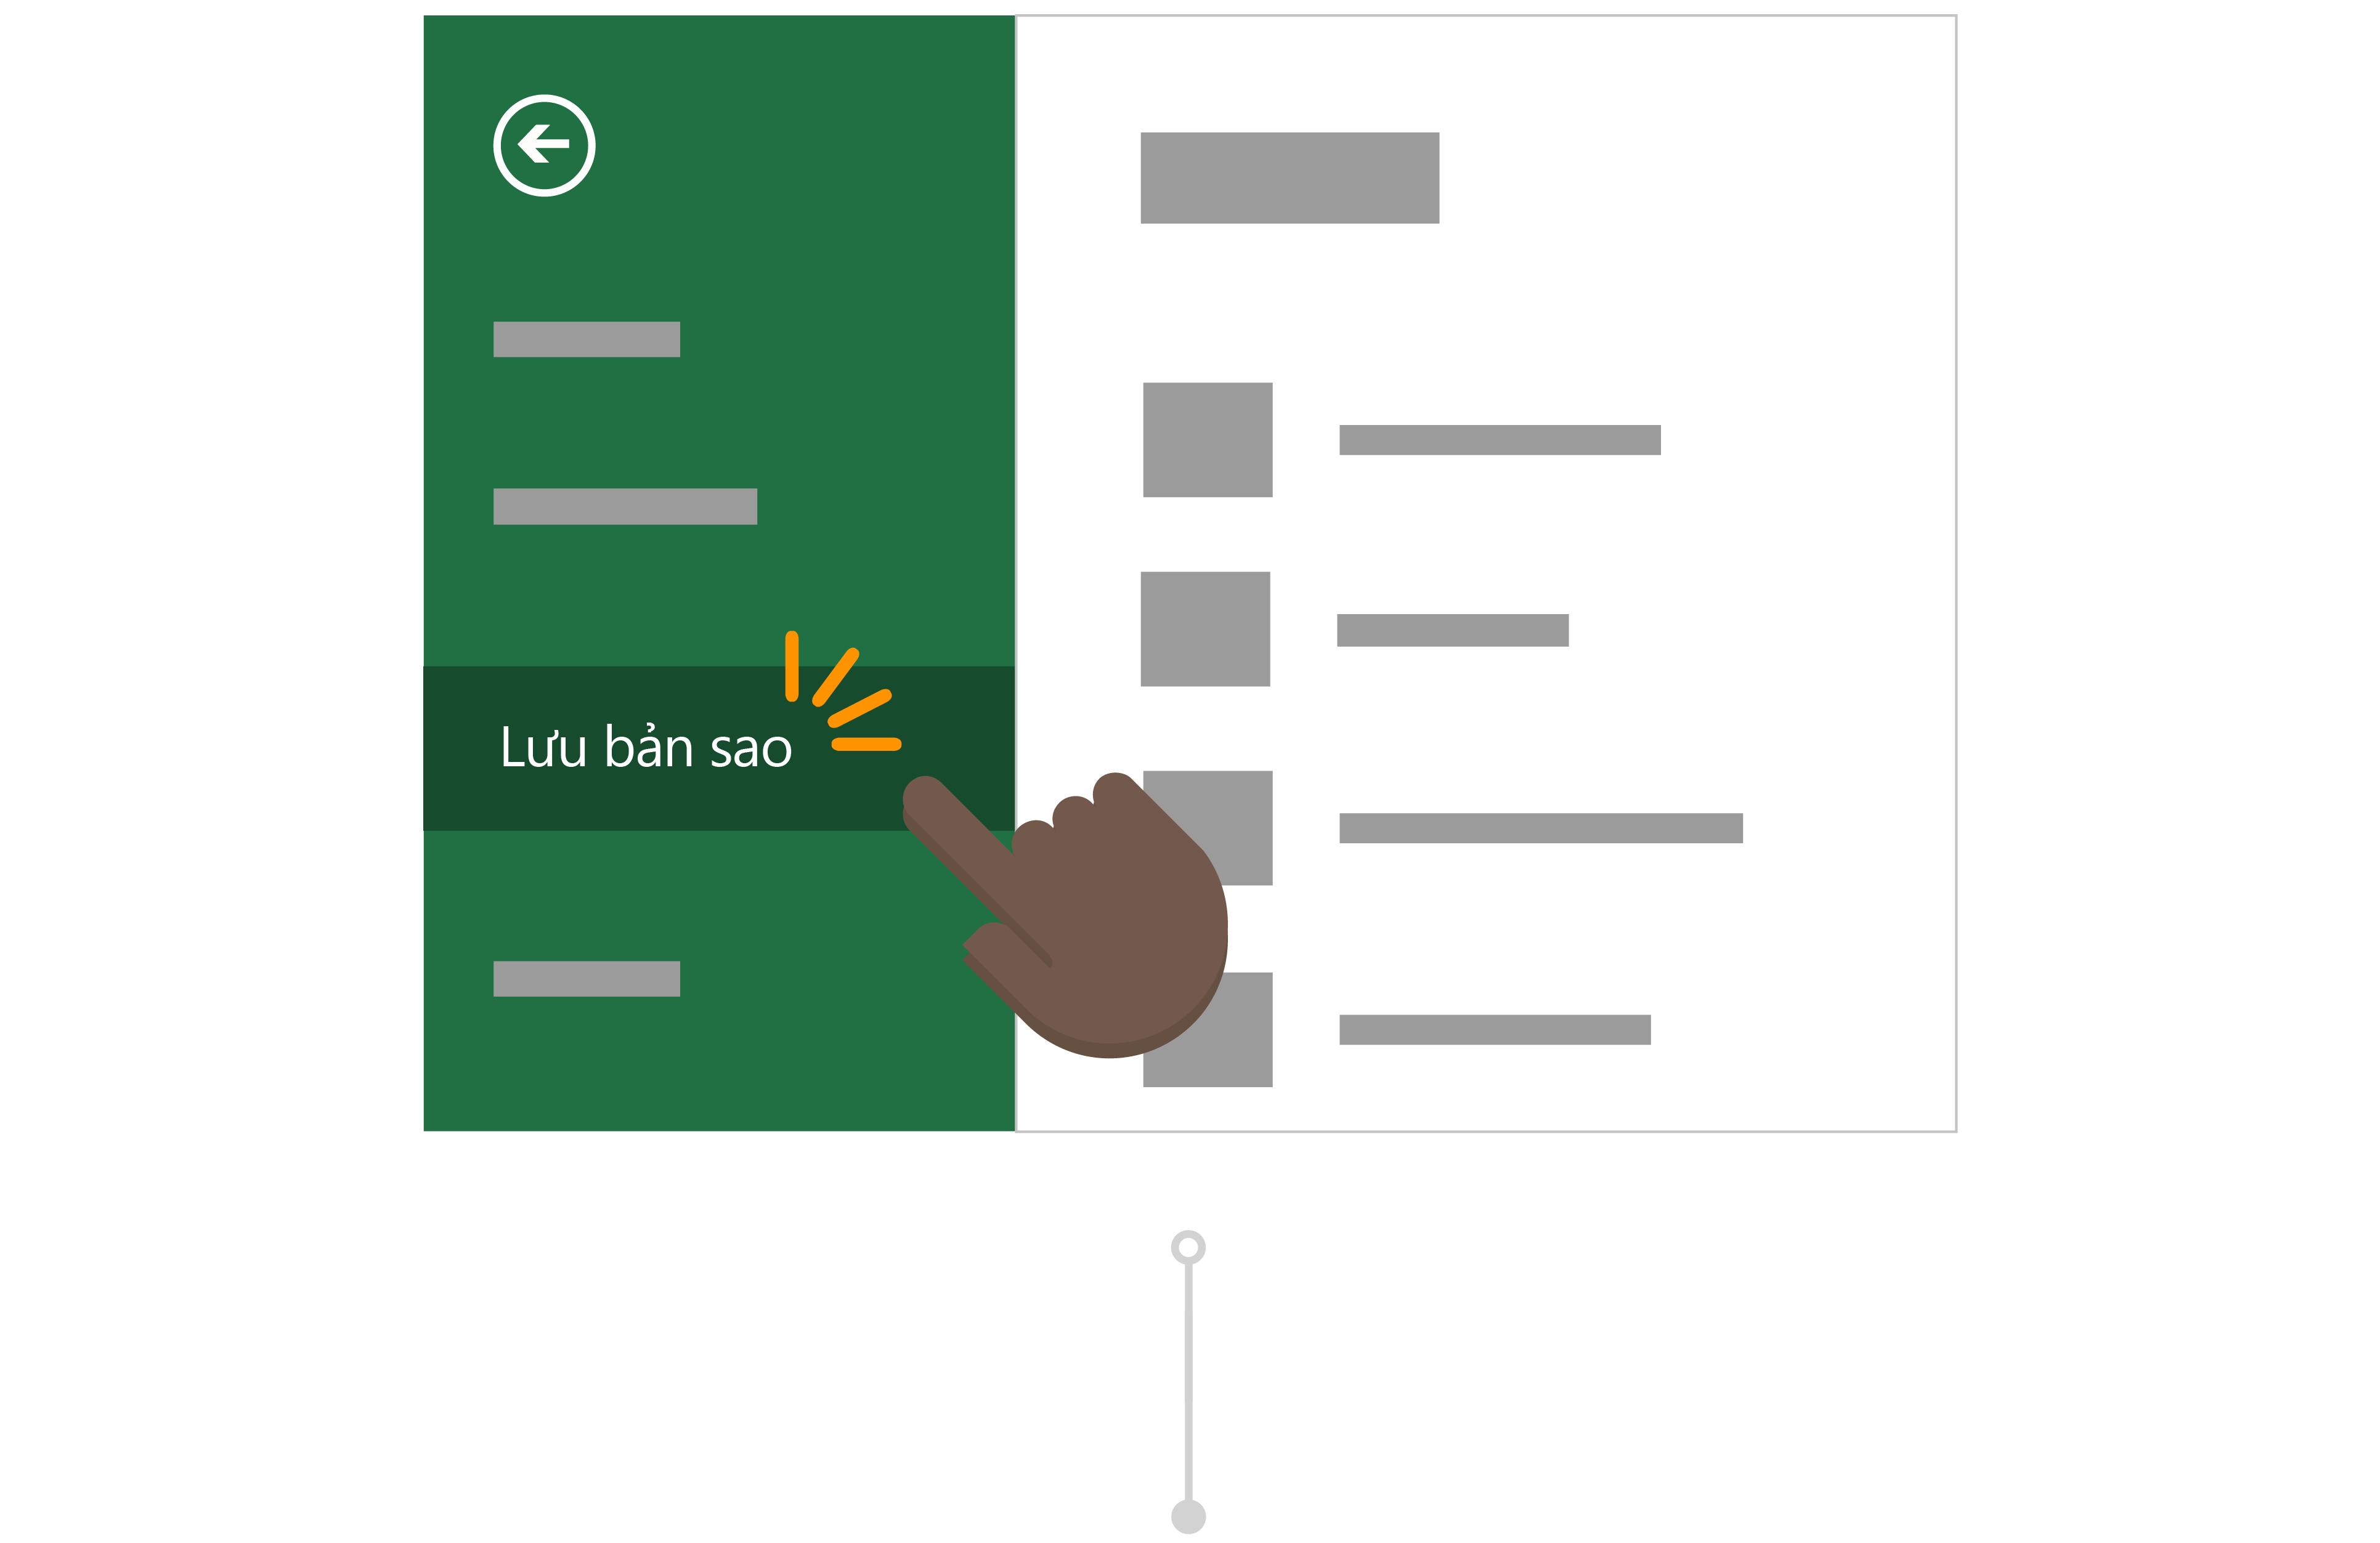 Todd sử dụng lưu một bản sao để lưu Phiên bản của riêng mình trong báo cáo trong OneDrive của mình.